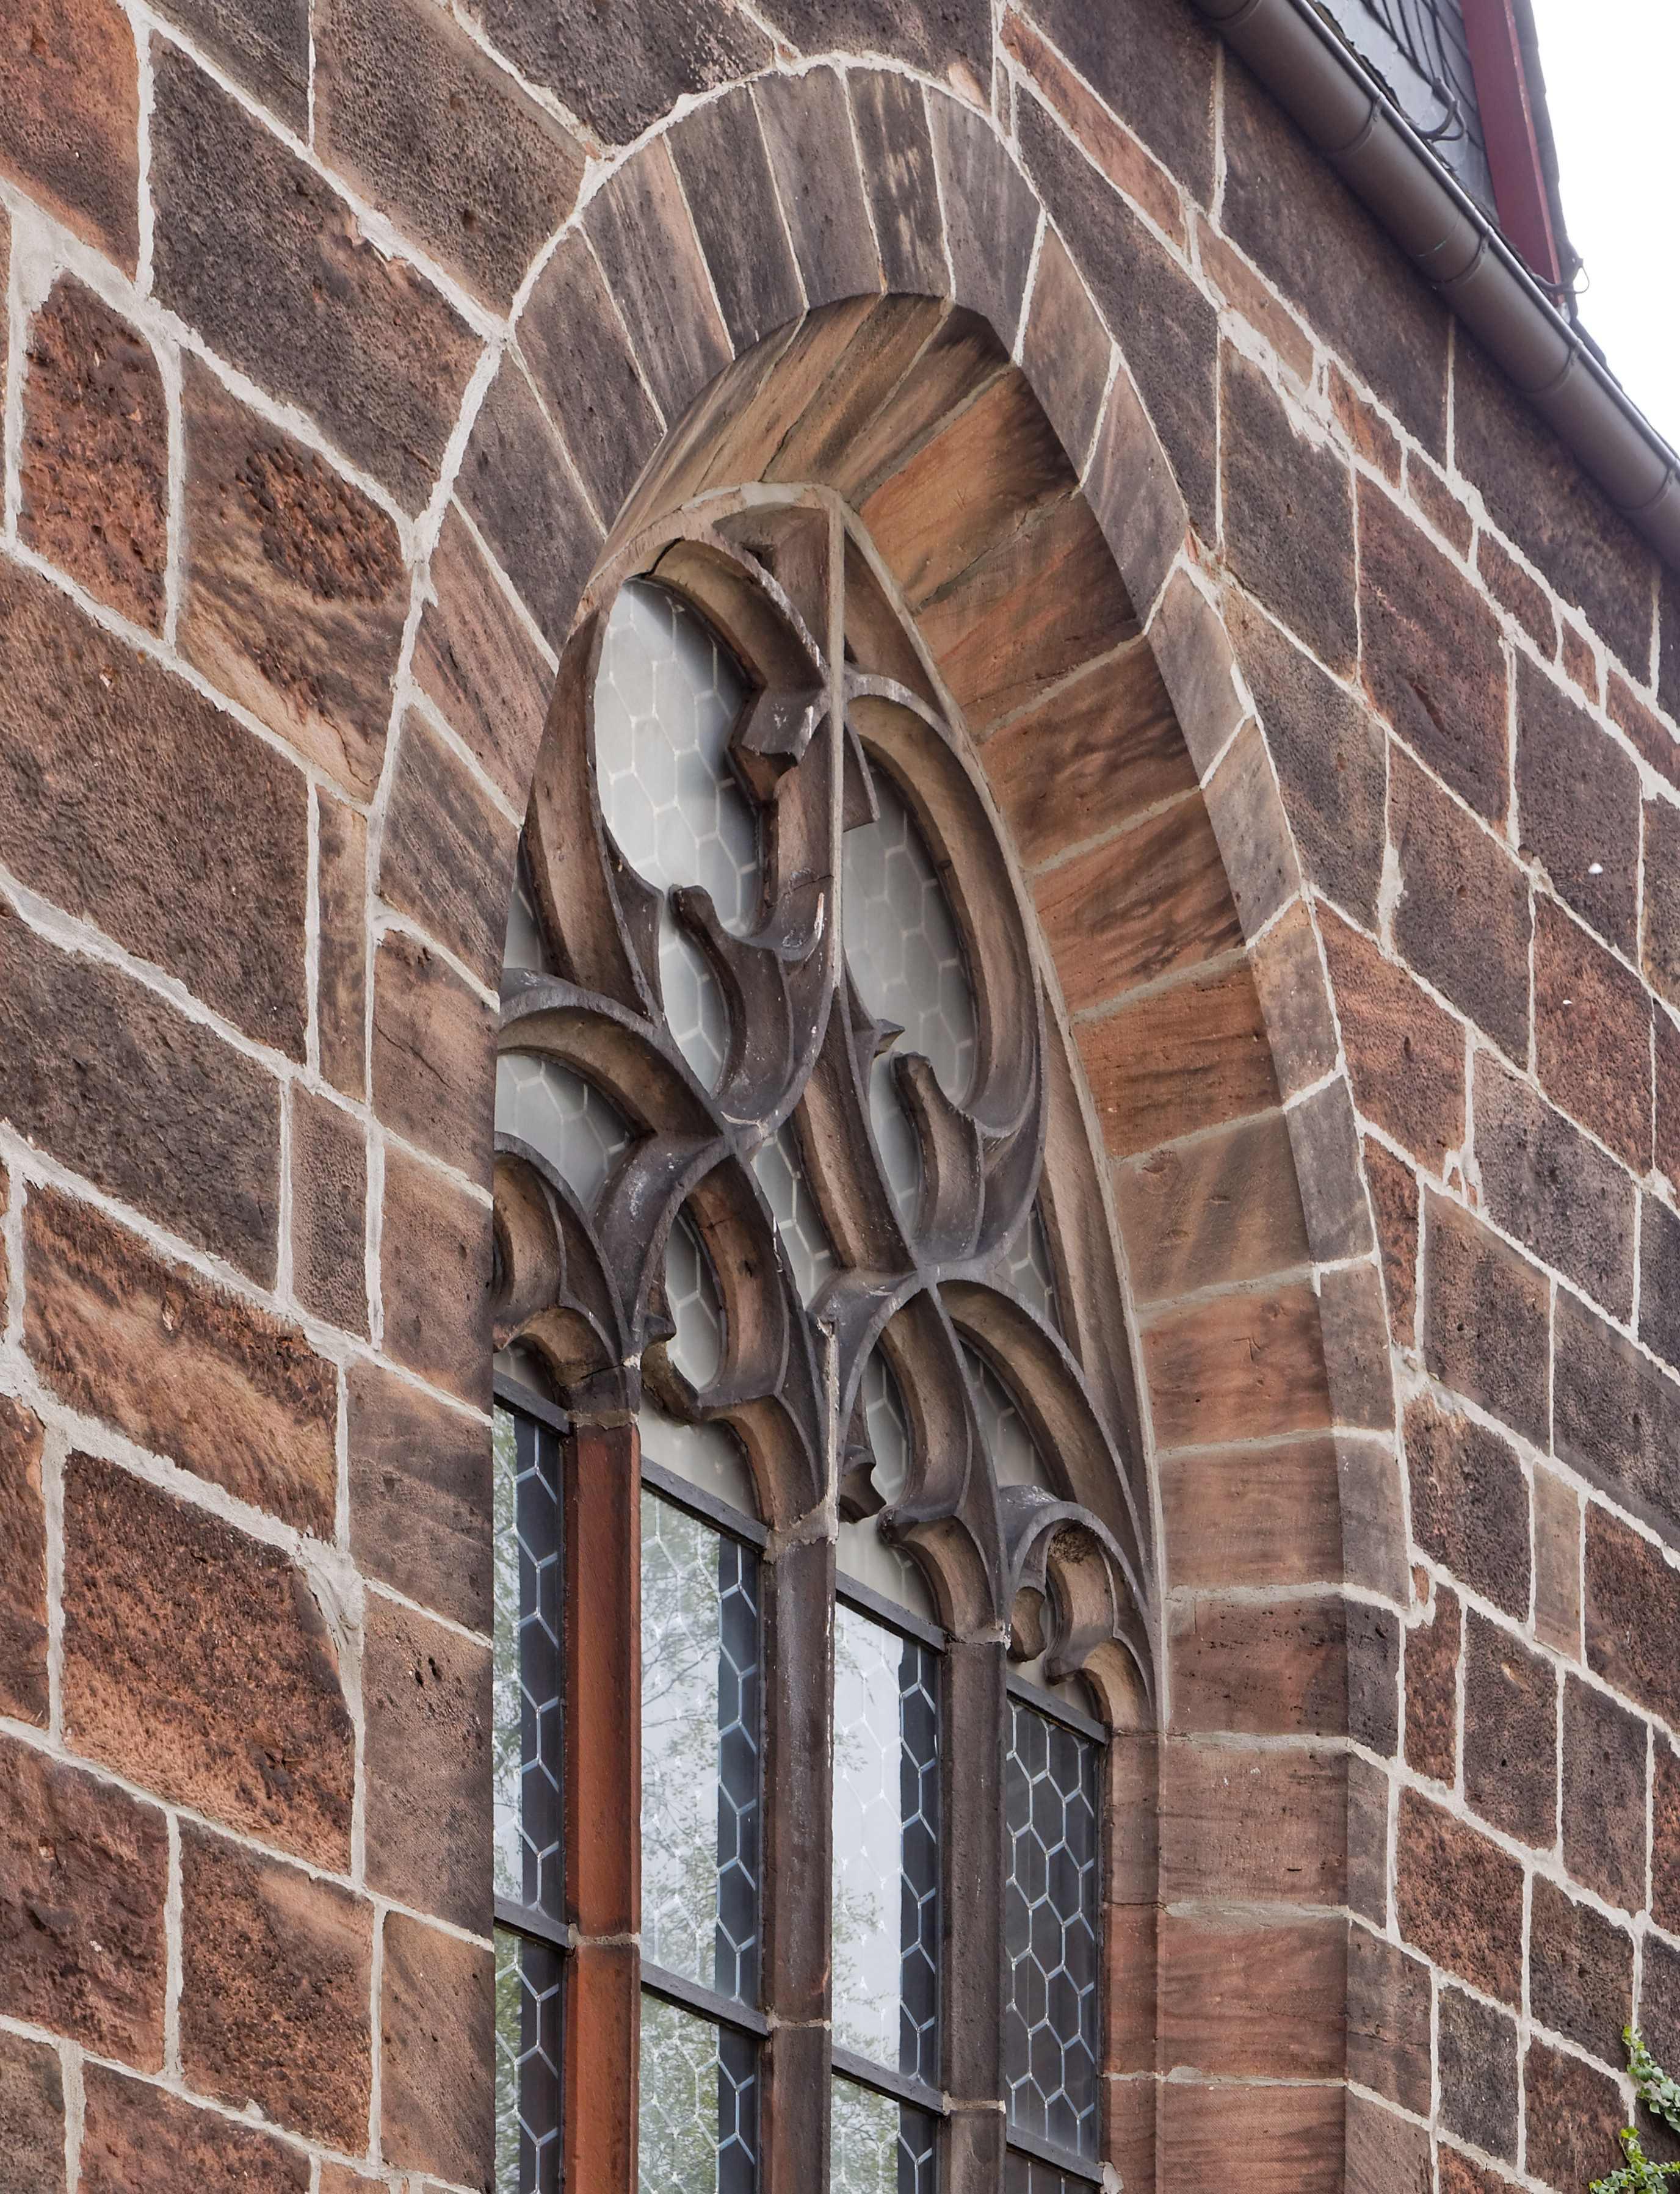 Maßwerk am Fenster der Westwand